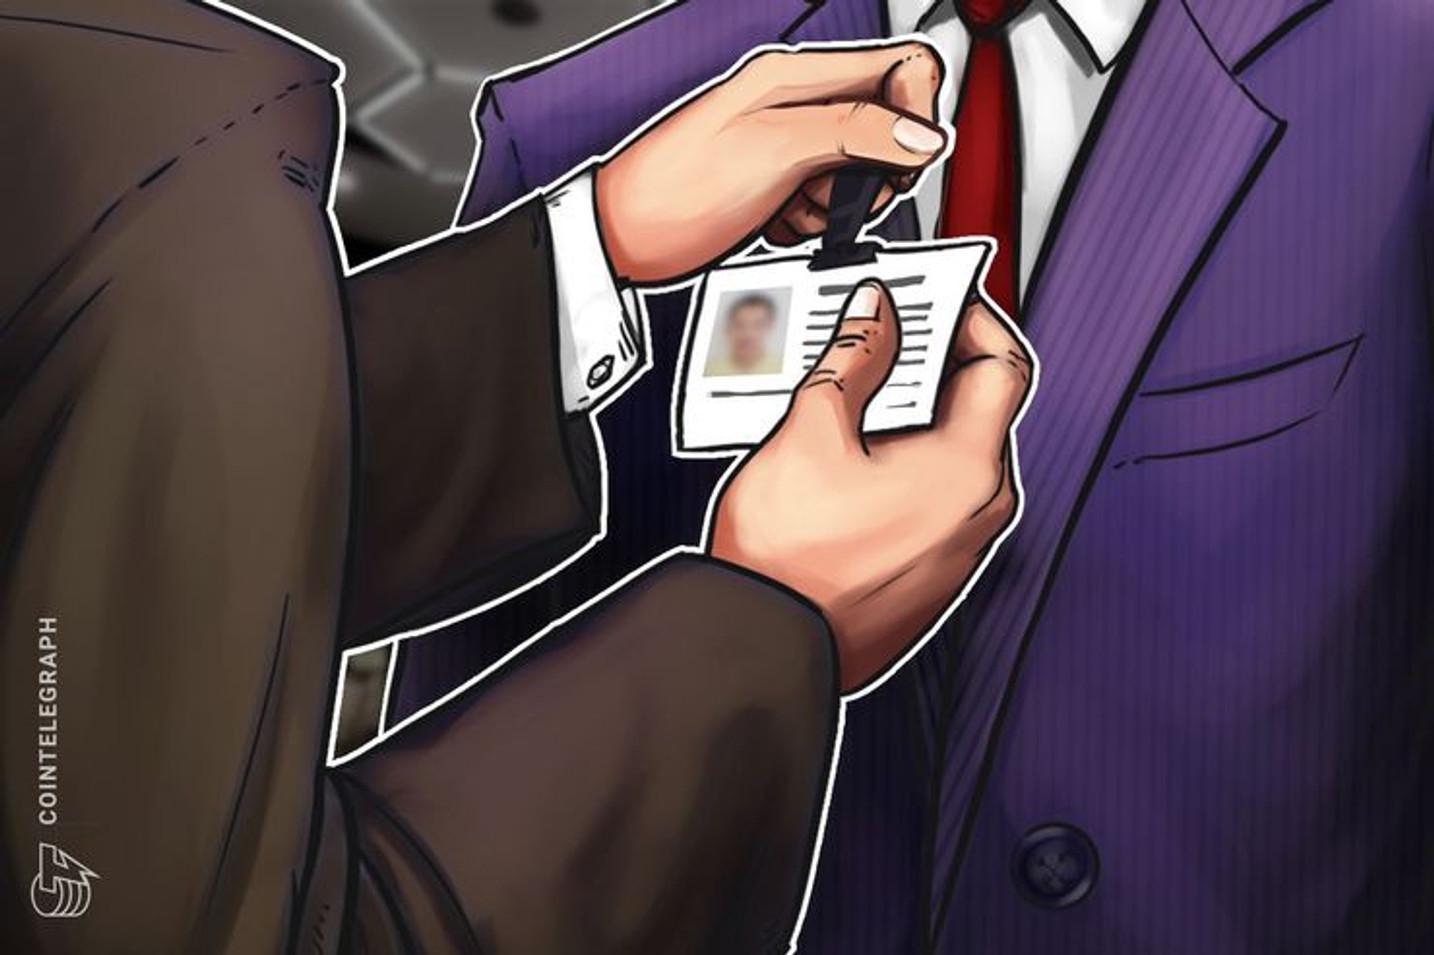 Según la agencia Digital Talent, la tecnología blockchain tiene potencial en la selección de recursos humanos